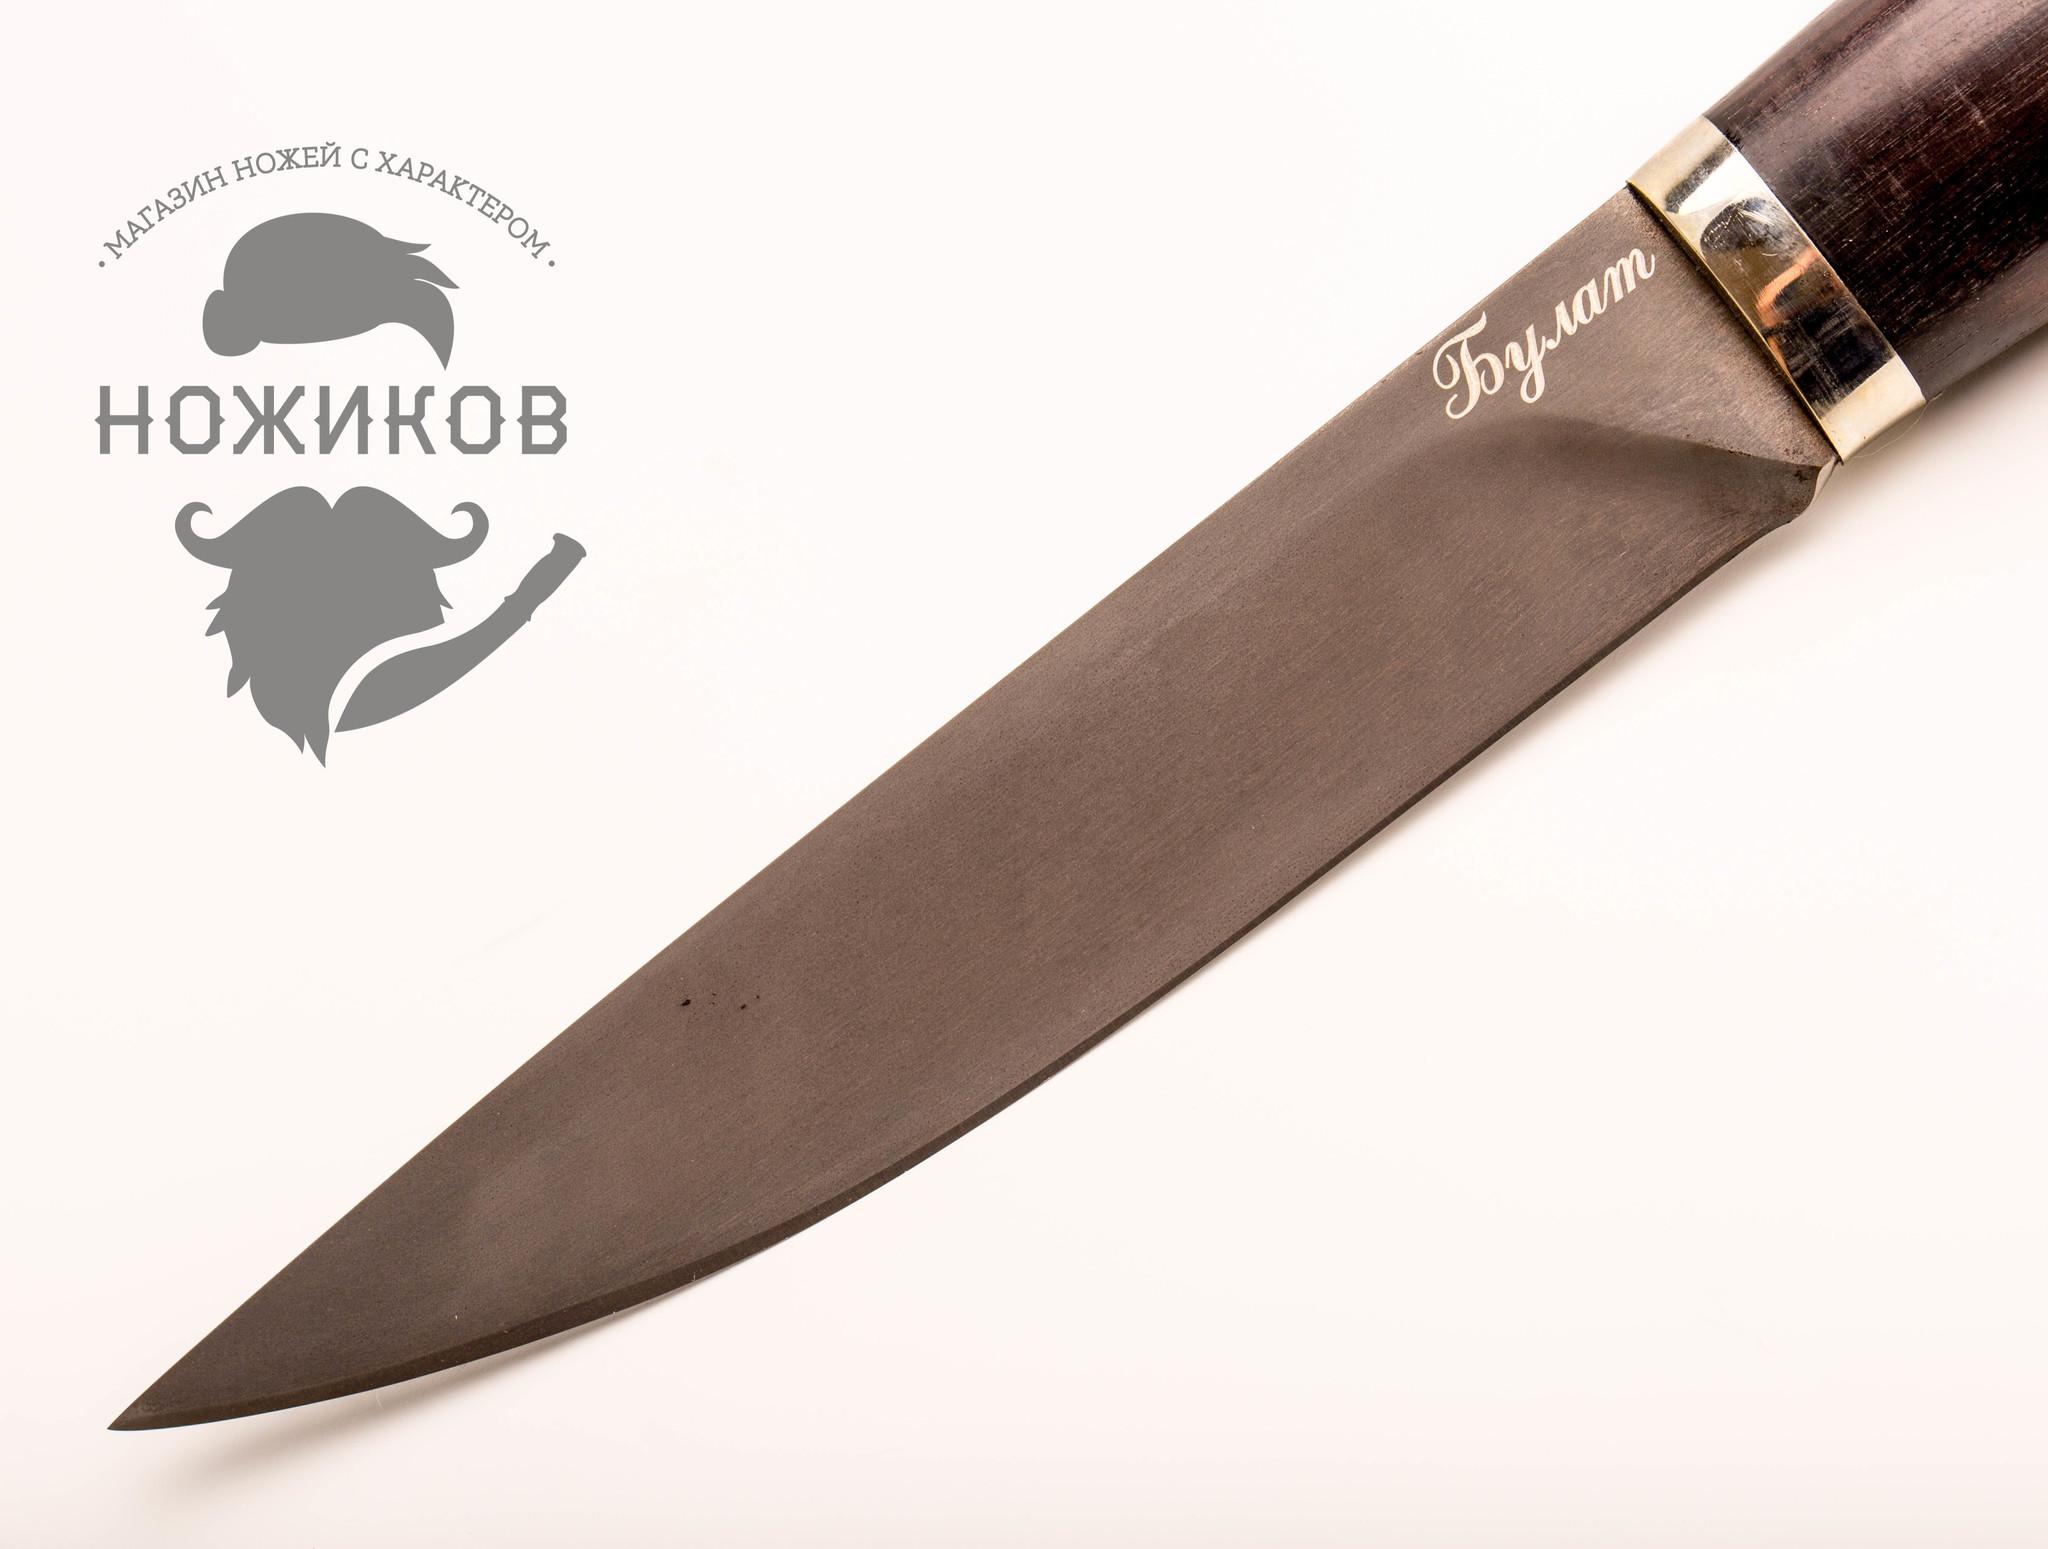 Фото 14 - Нож Якут булат, граб от Мастерская Климентьева